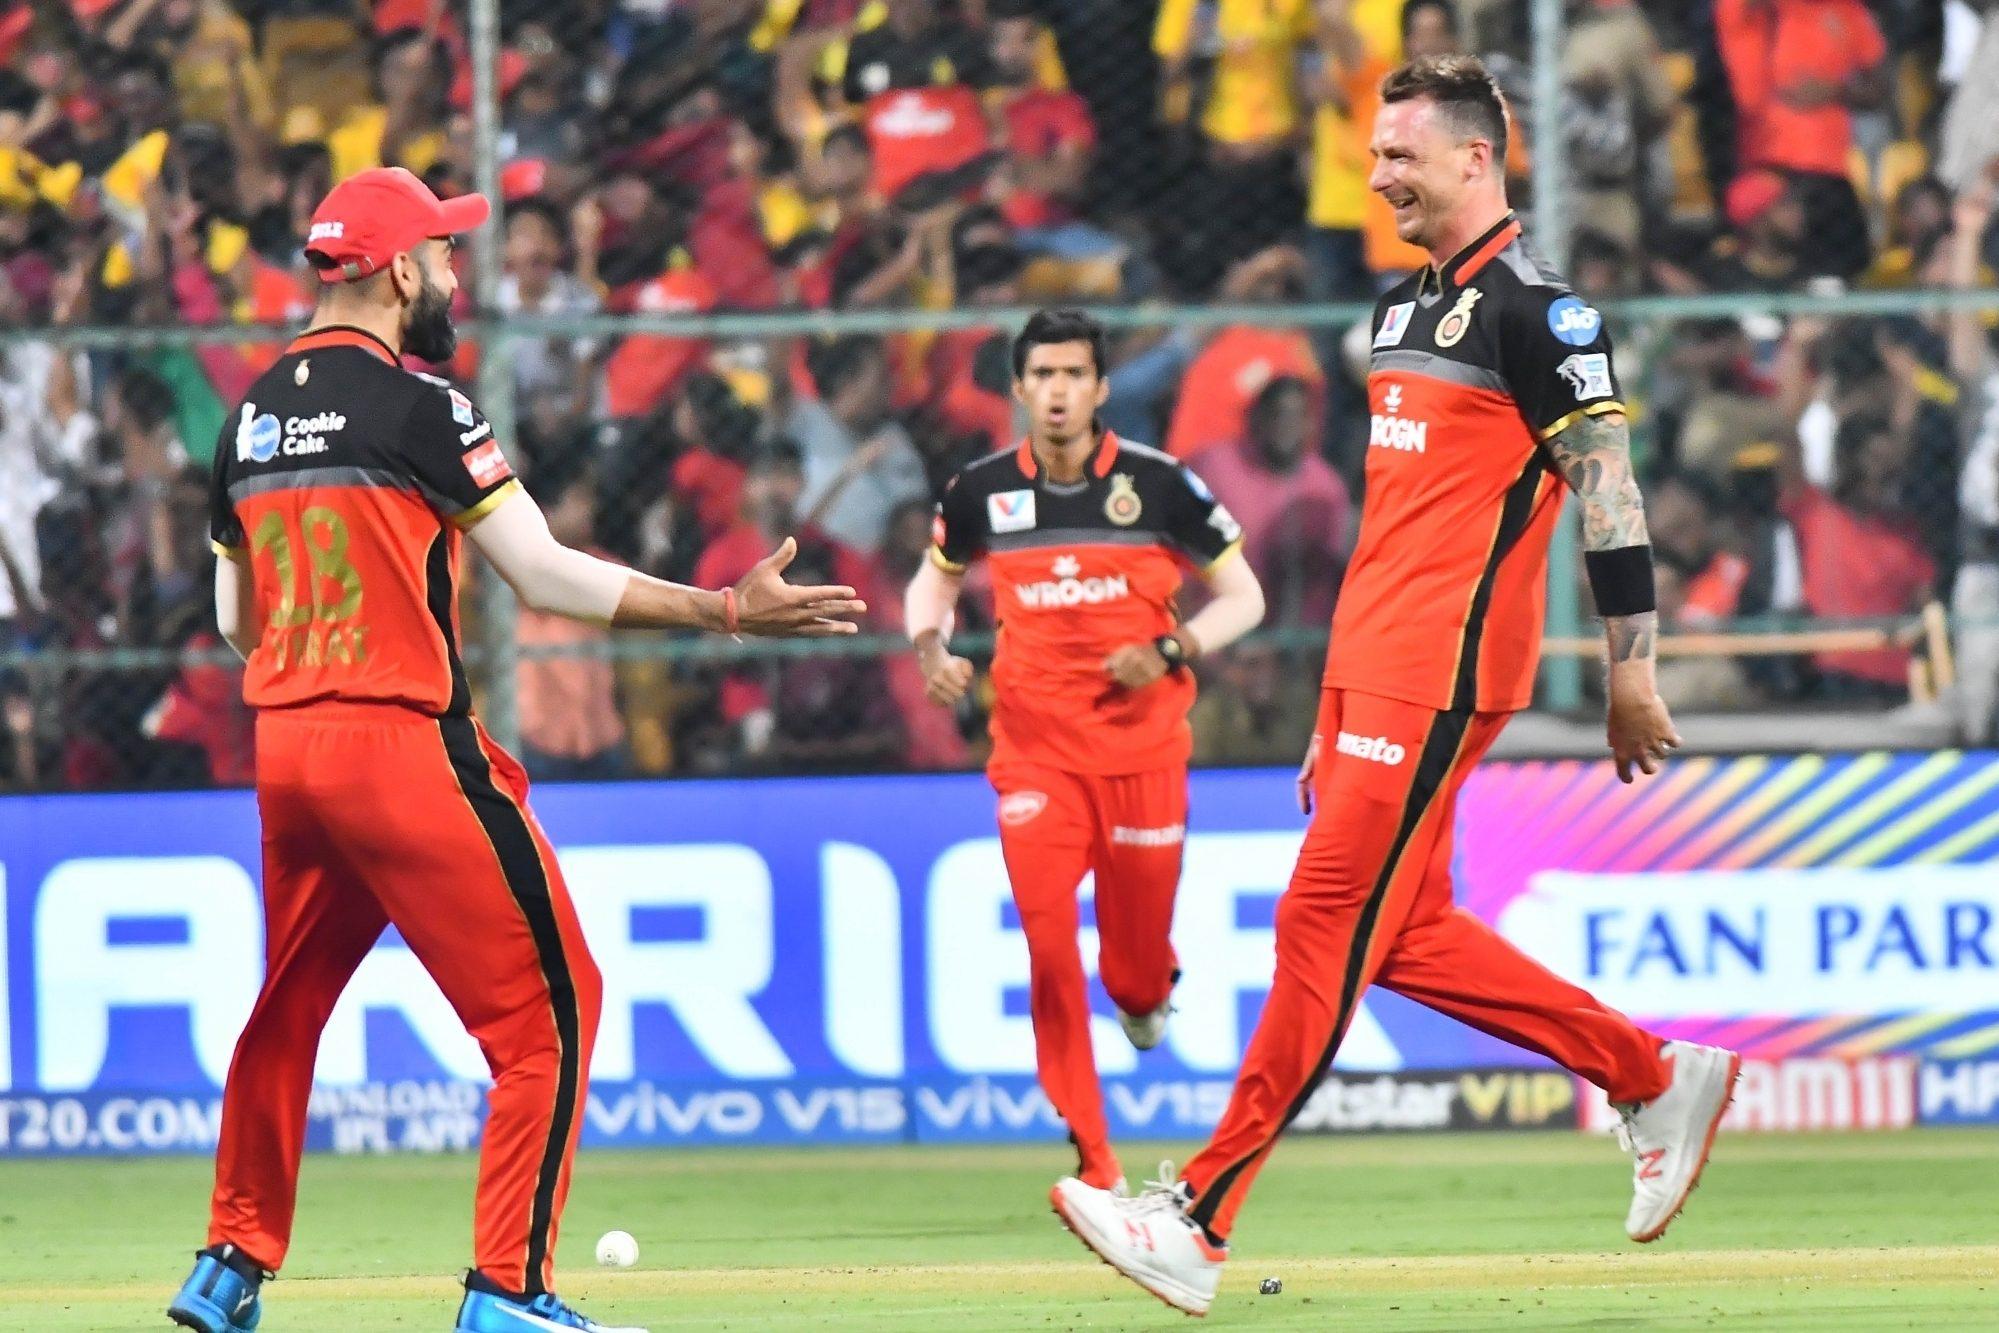 डेल स्टेन के आईपीएल 2021 में ना खेलने के फैसले के बाद आरसीबी ने दिया ये रिएक्शन 3